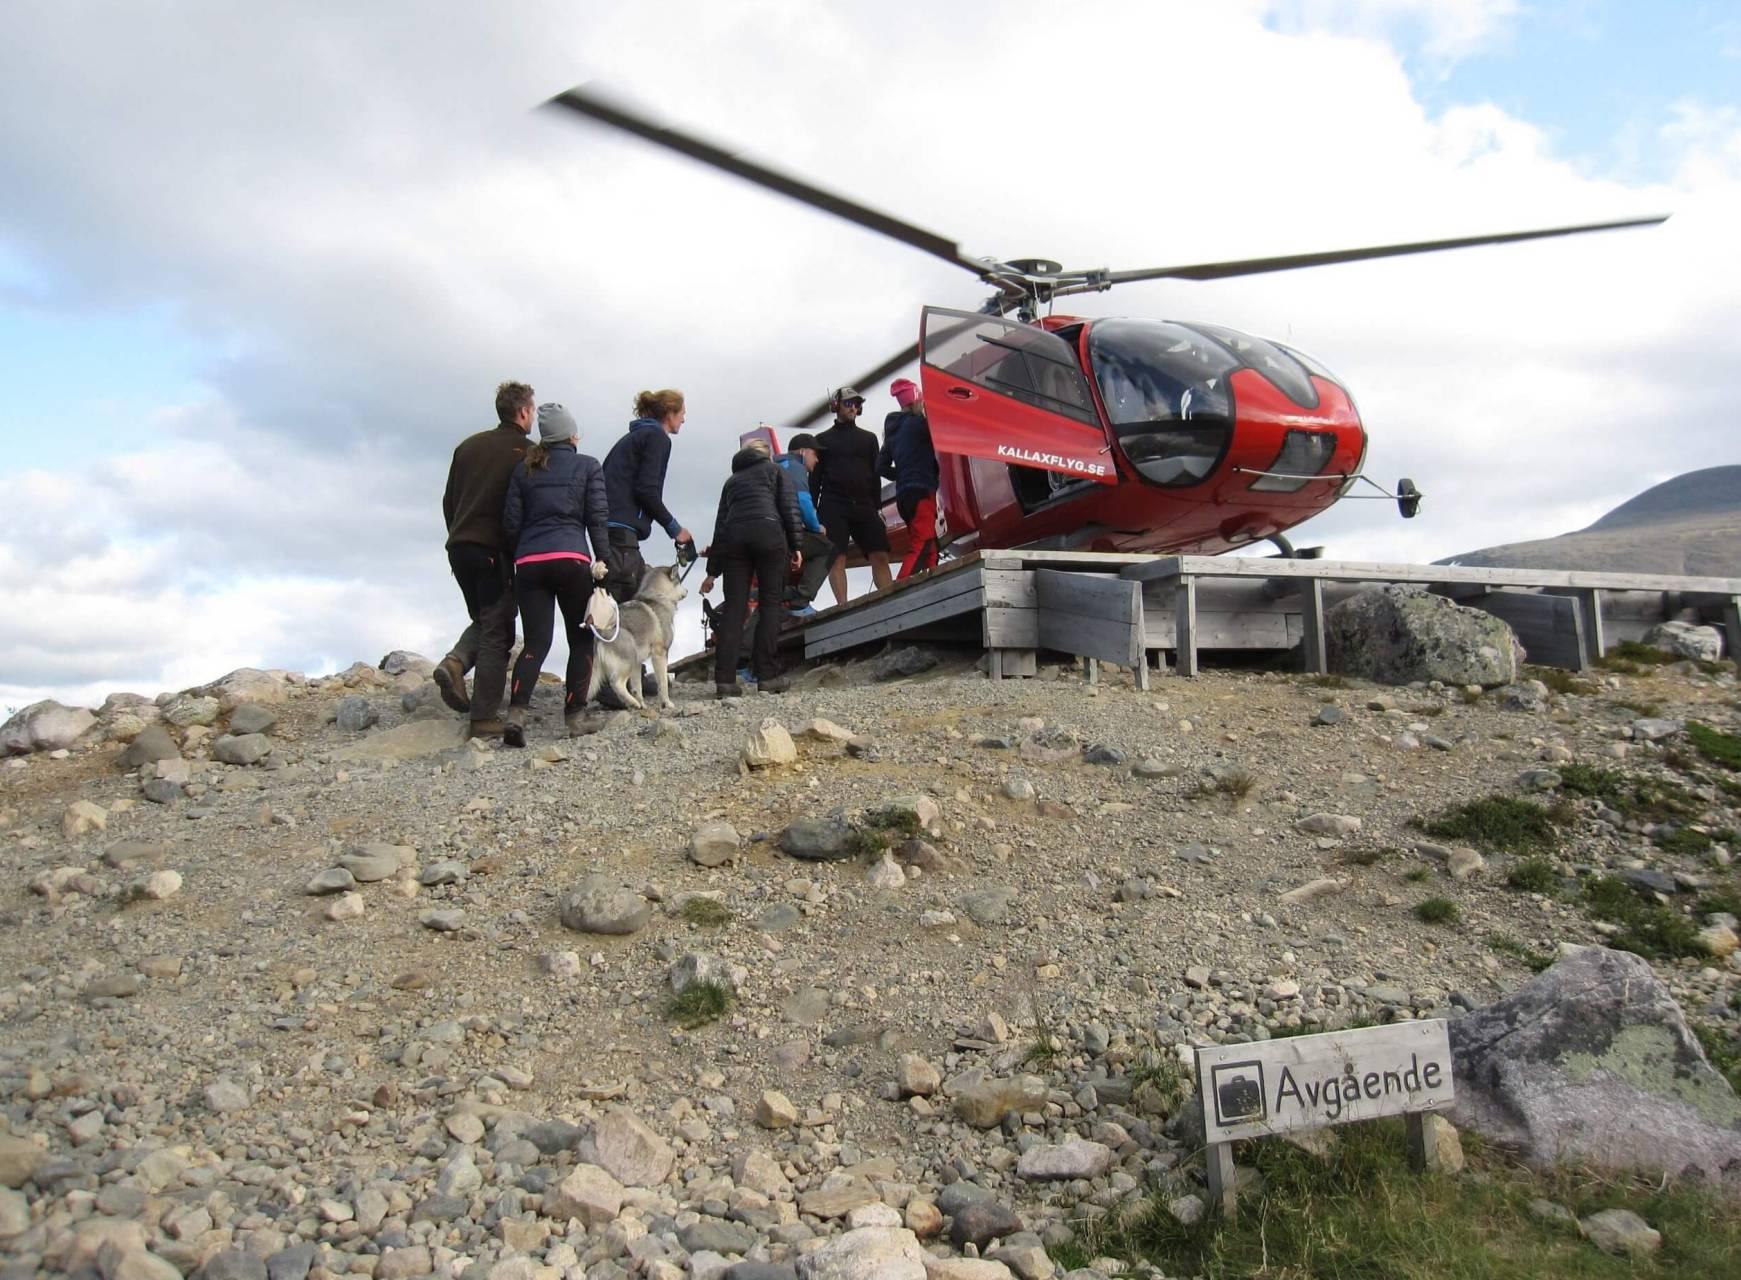 Kebnekaise Hårt Drabbat Av Klimatförändringar – ändå åker Många Turister Helikopter